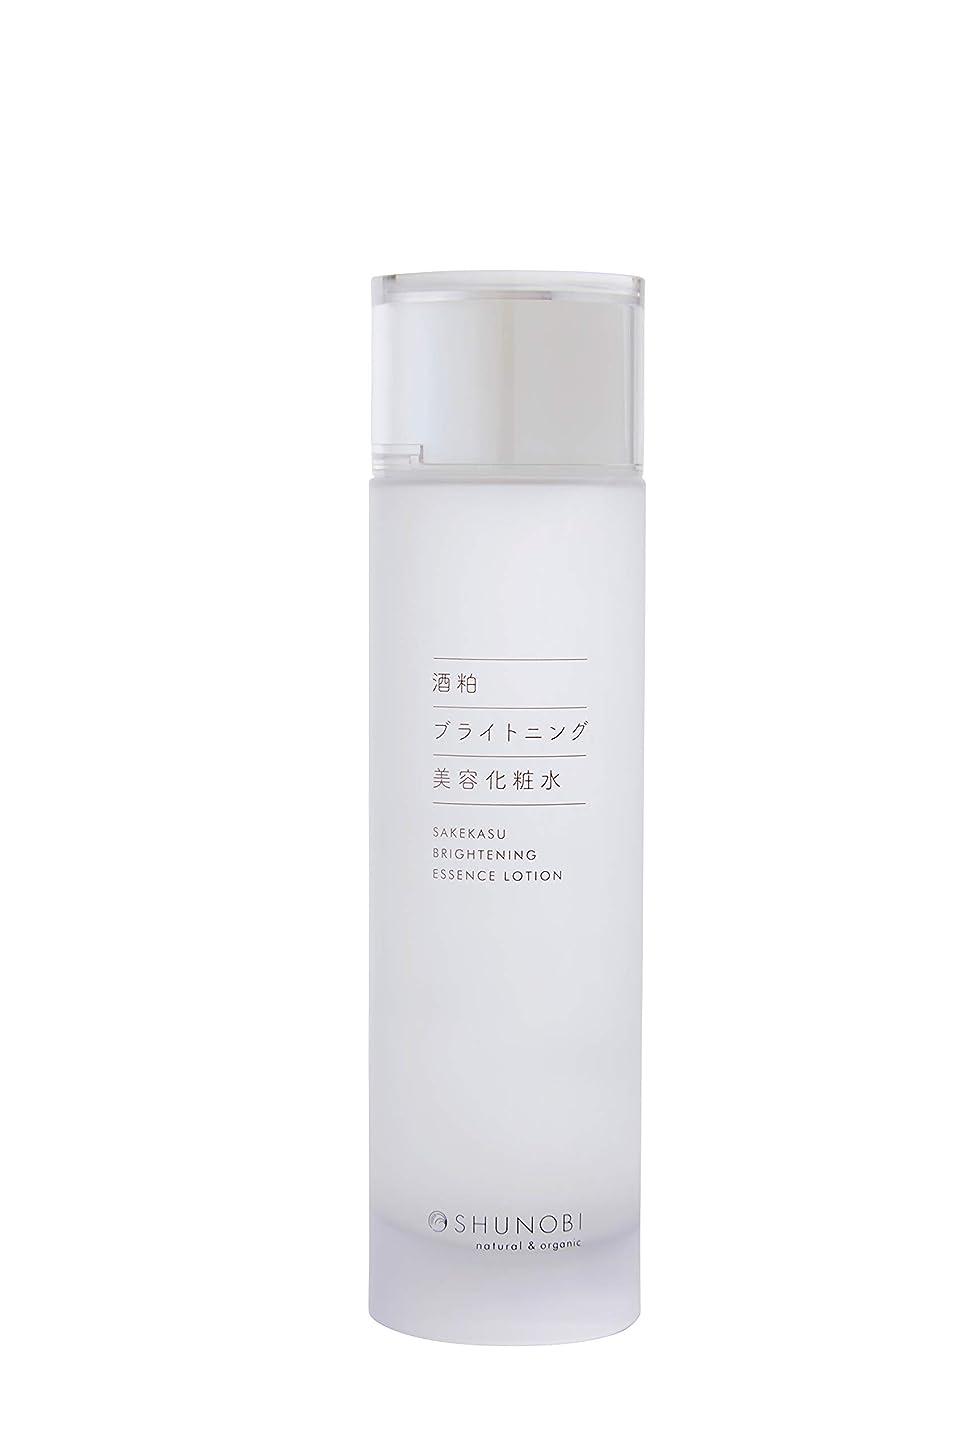 羊飼い傾向料理SHUNOBI 酒粕ブライトニング美容化粧水 150ml